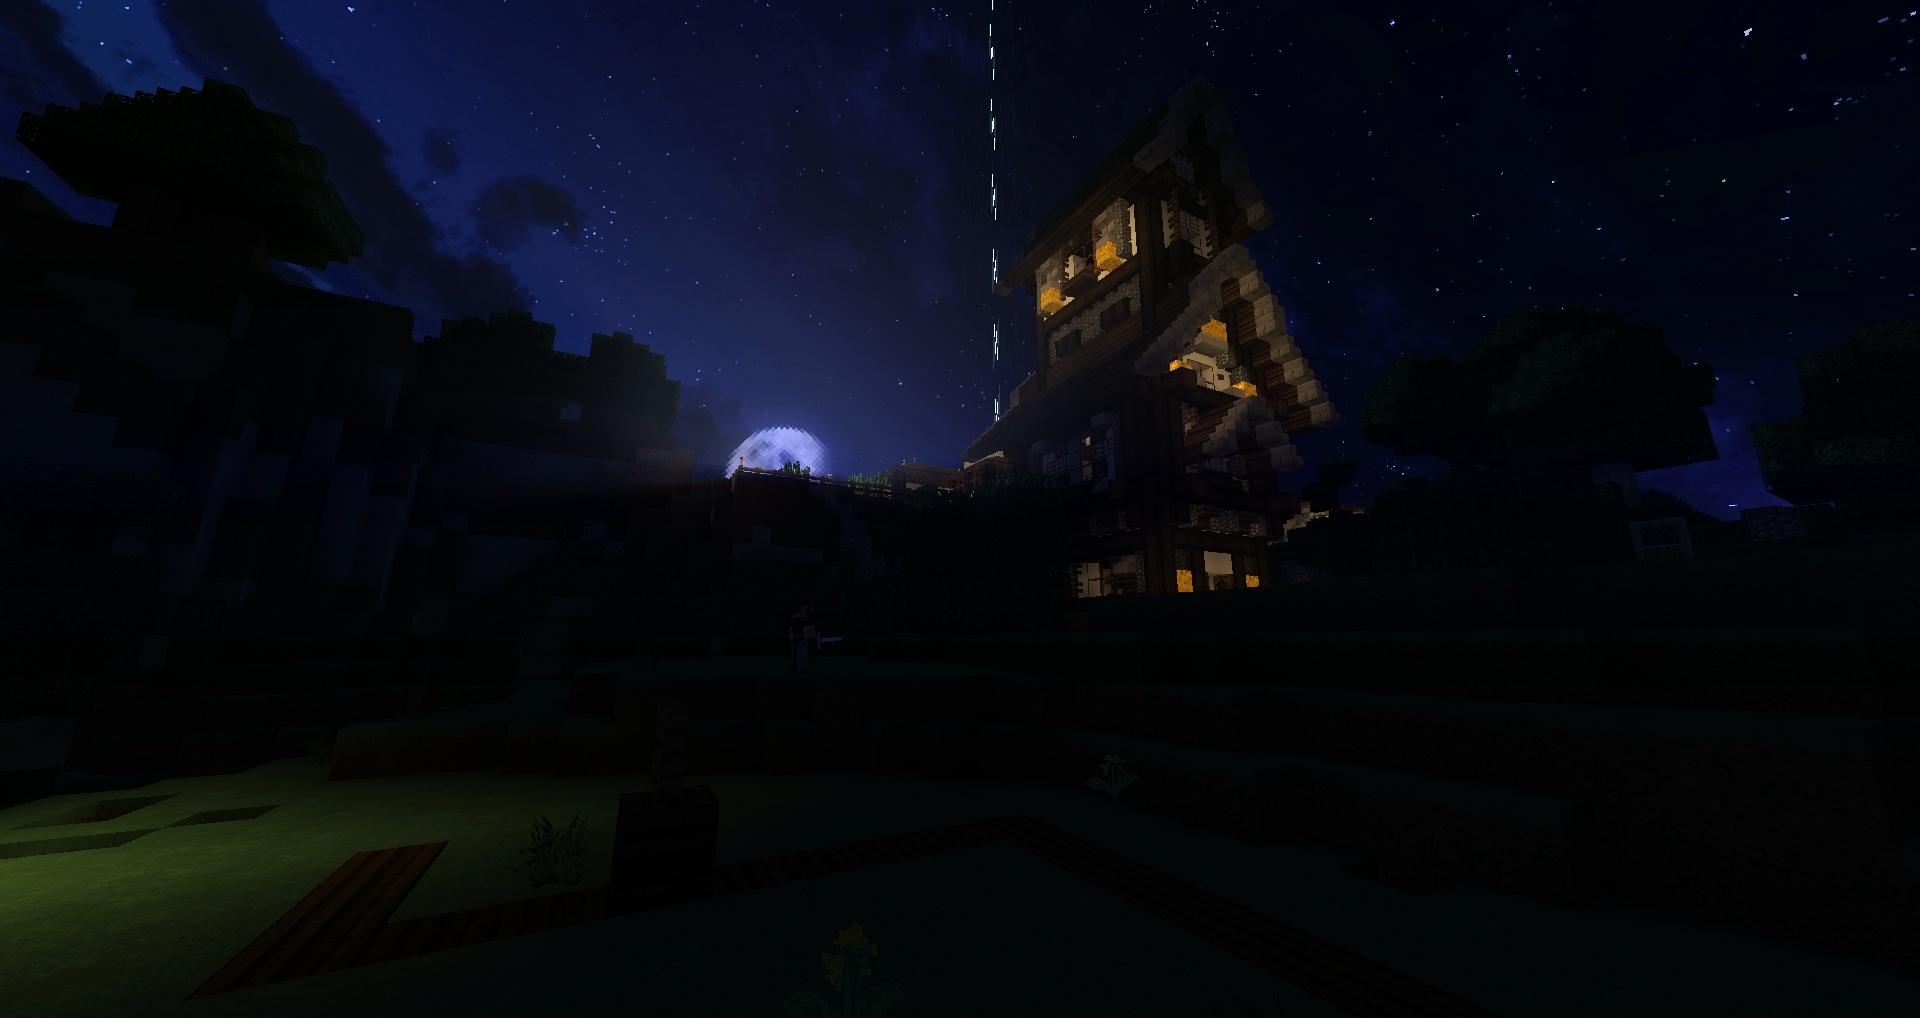 Cette maison me fait penser à une maison de sorcière mais, elle est jolie !